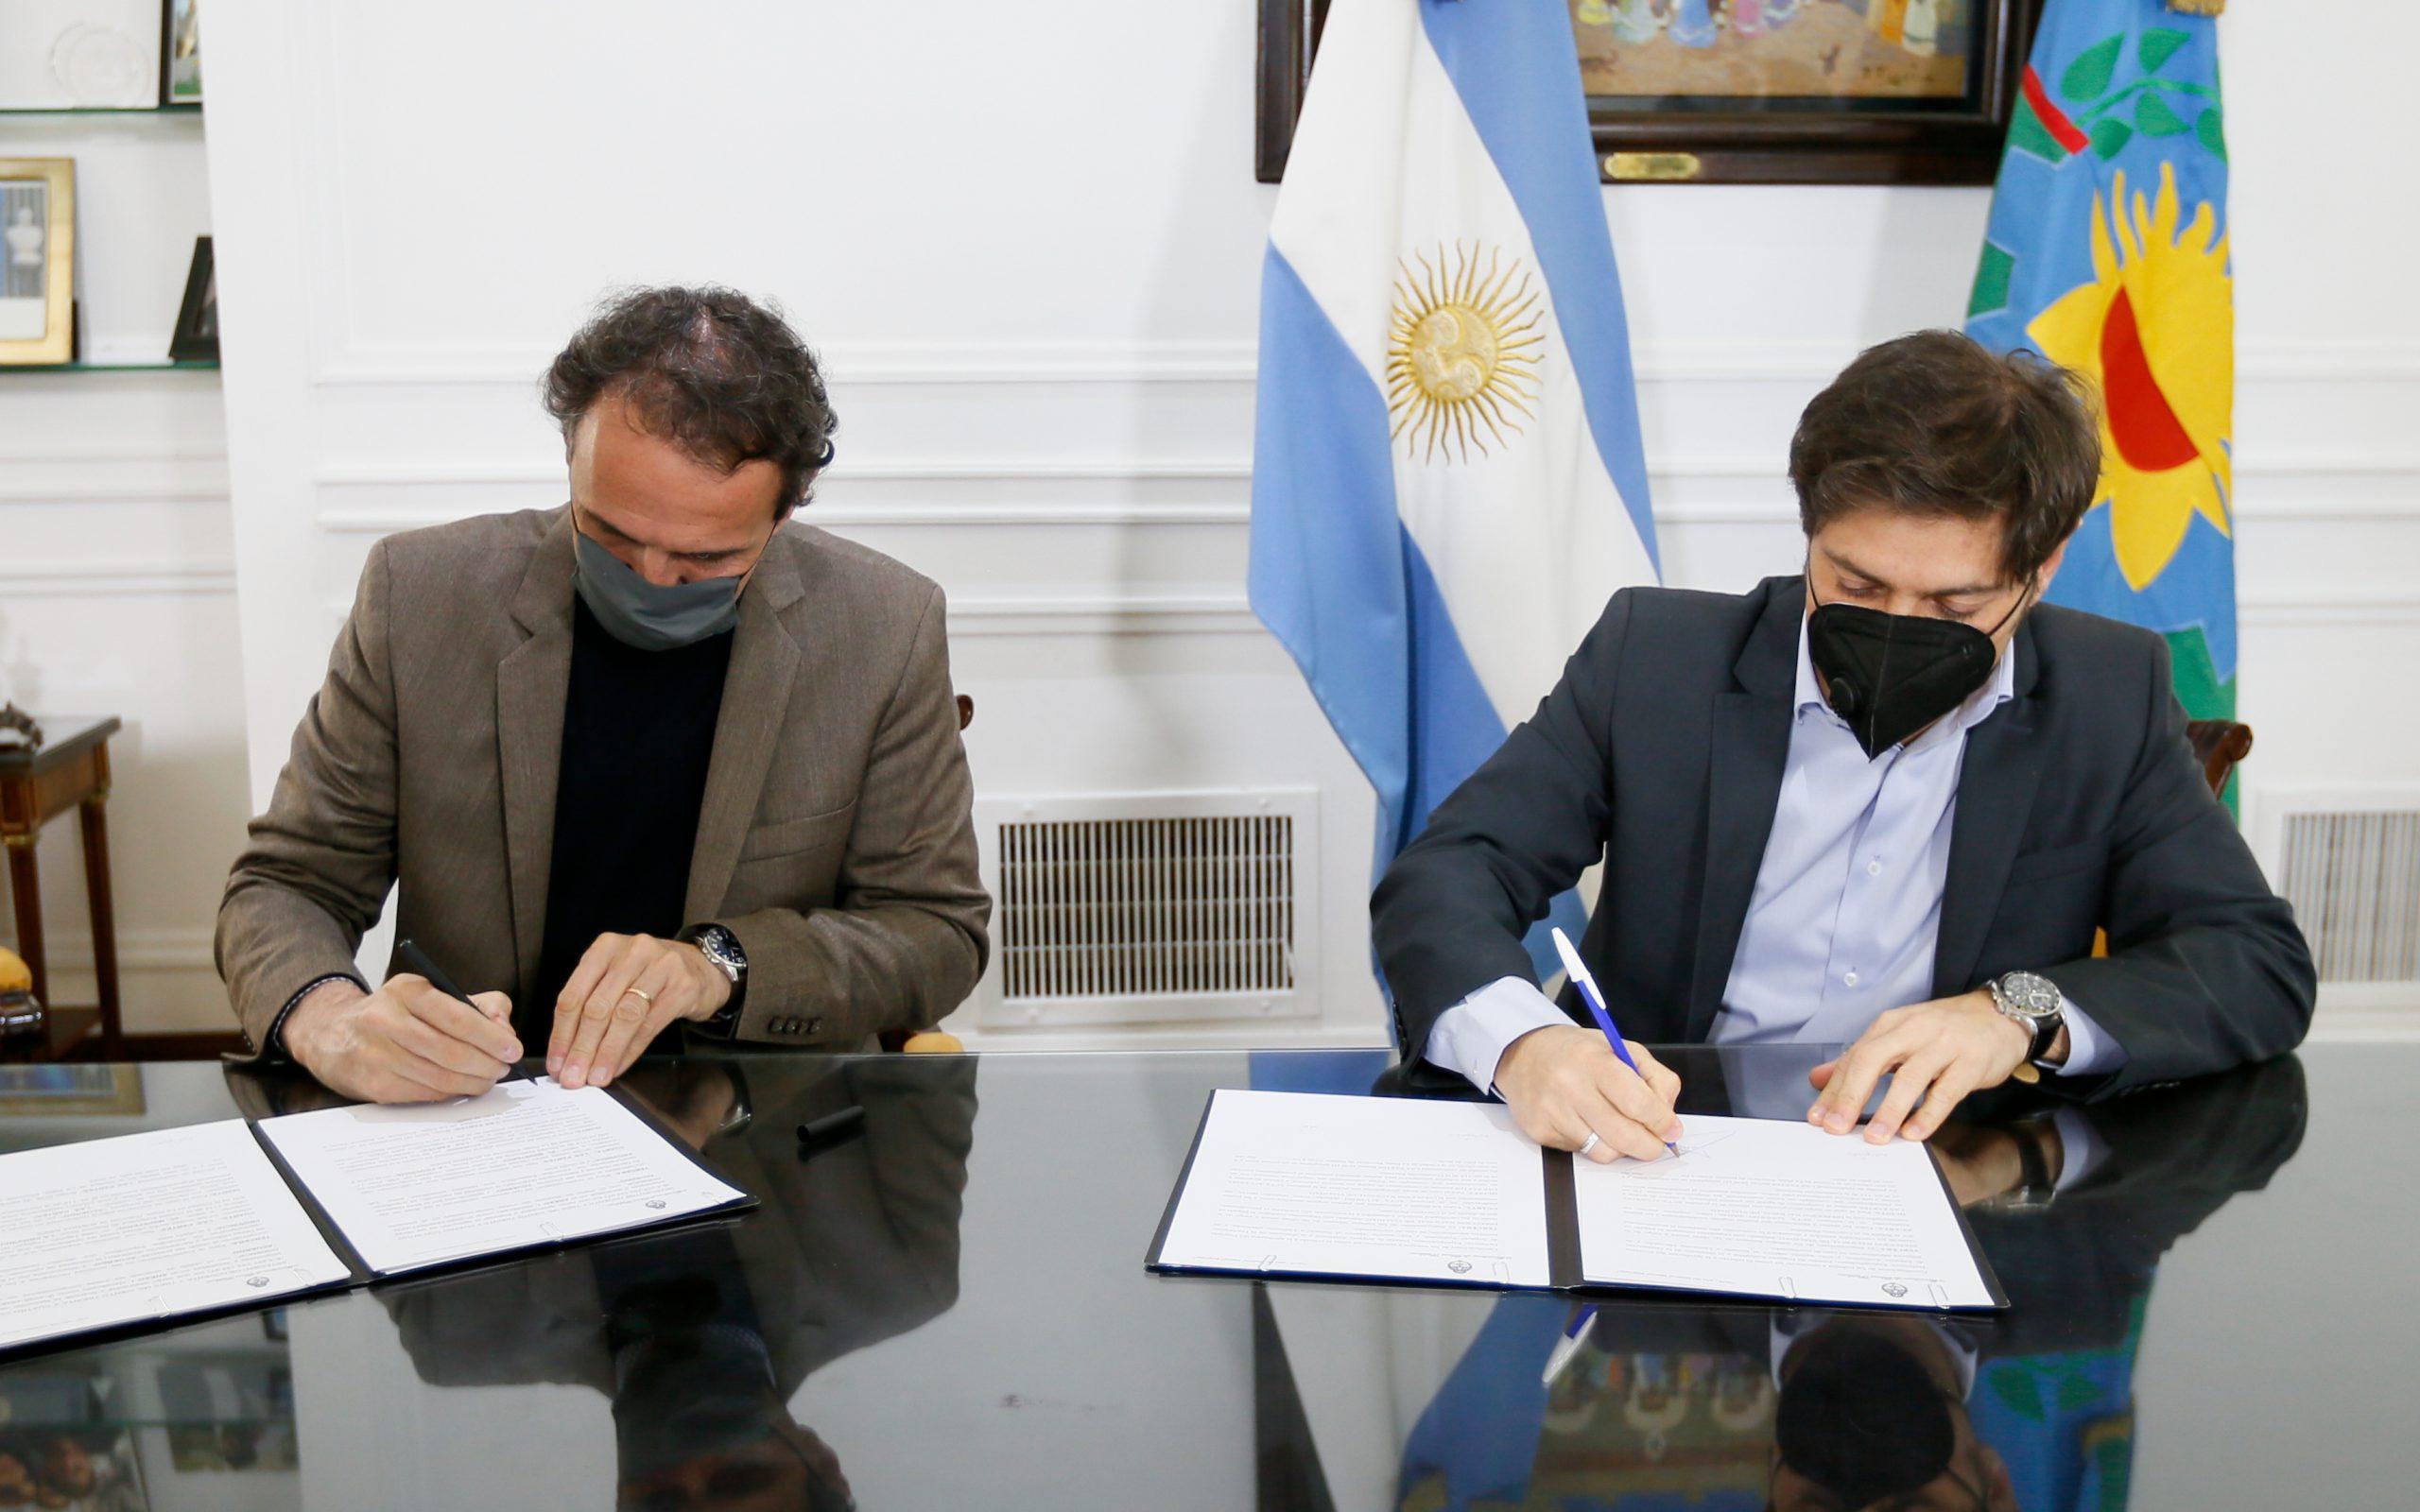 La Provincia firmó convenios con Nación para obras viales y de agua y saneamiento en más de 40 municipios